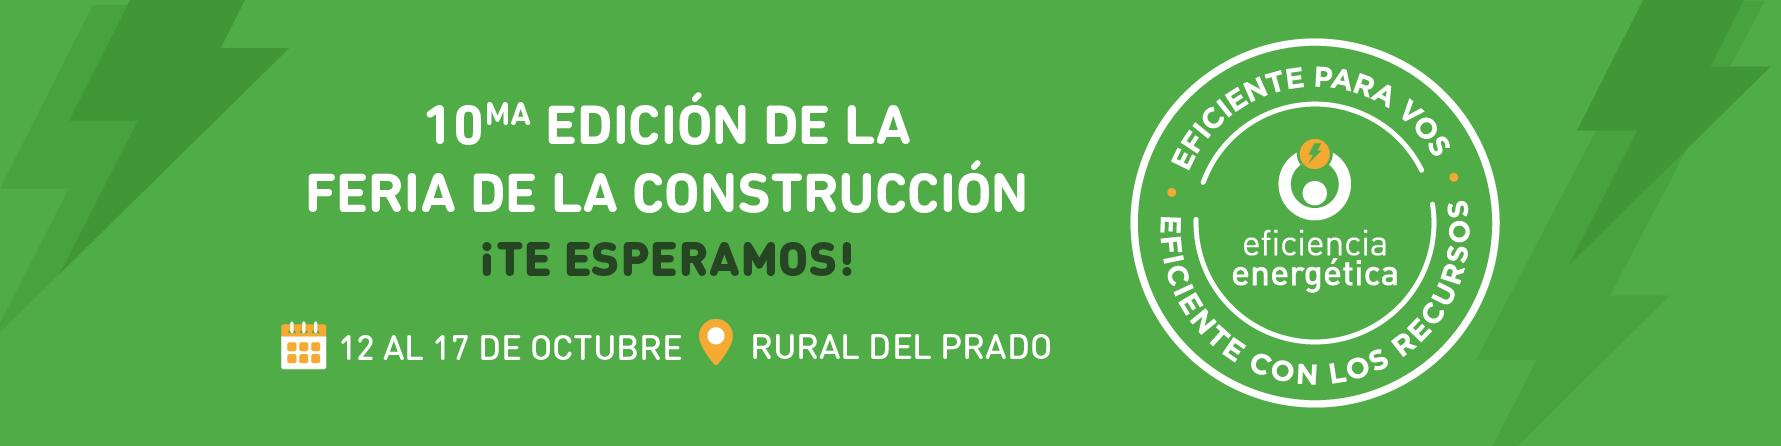 Feria de la Construcción 2019